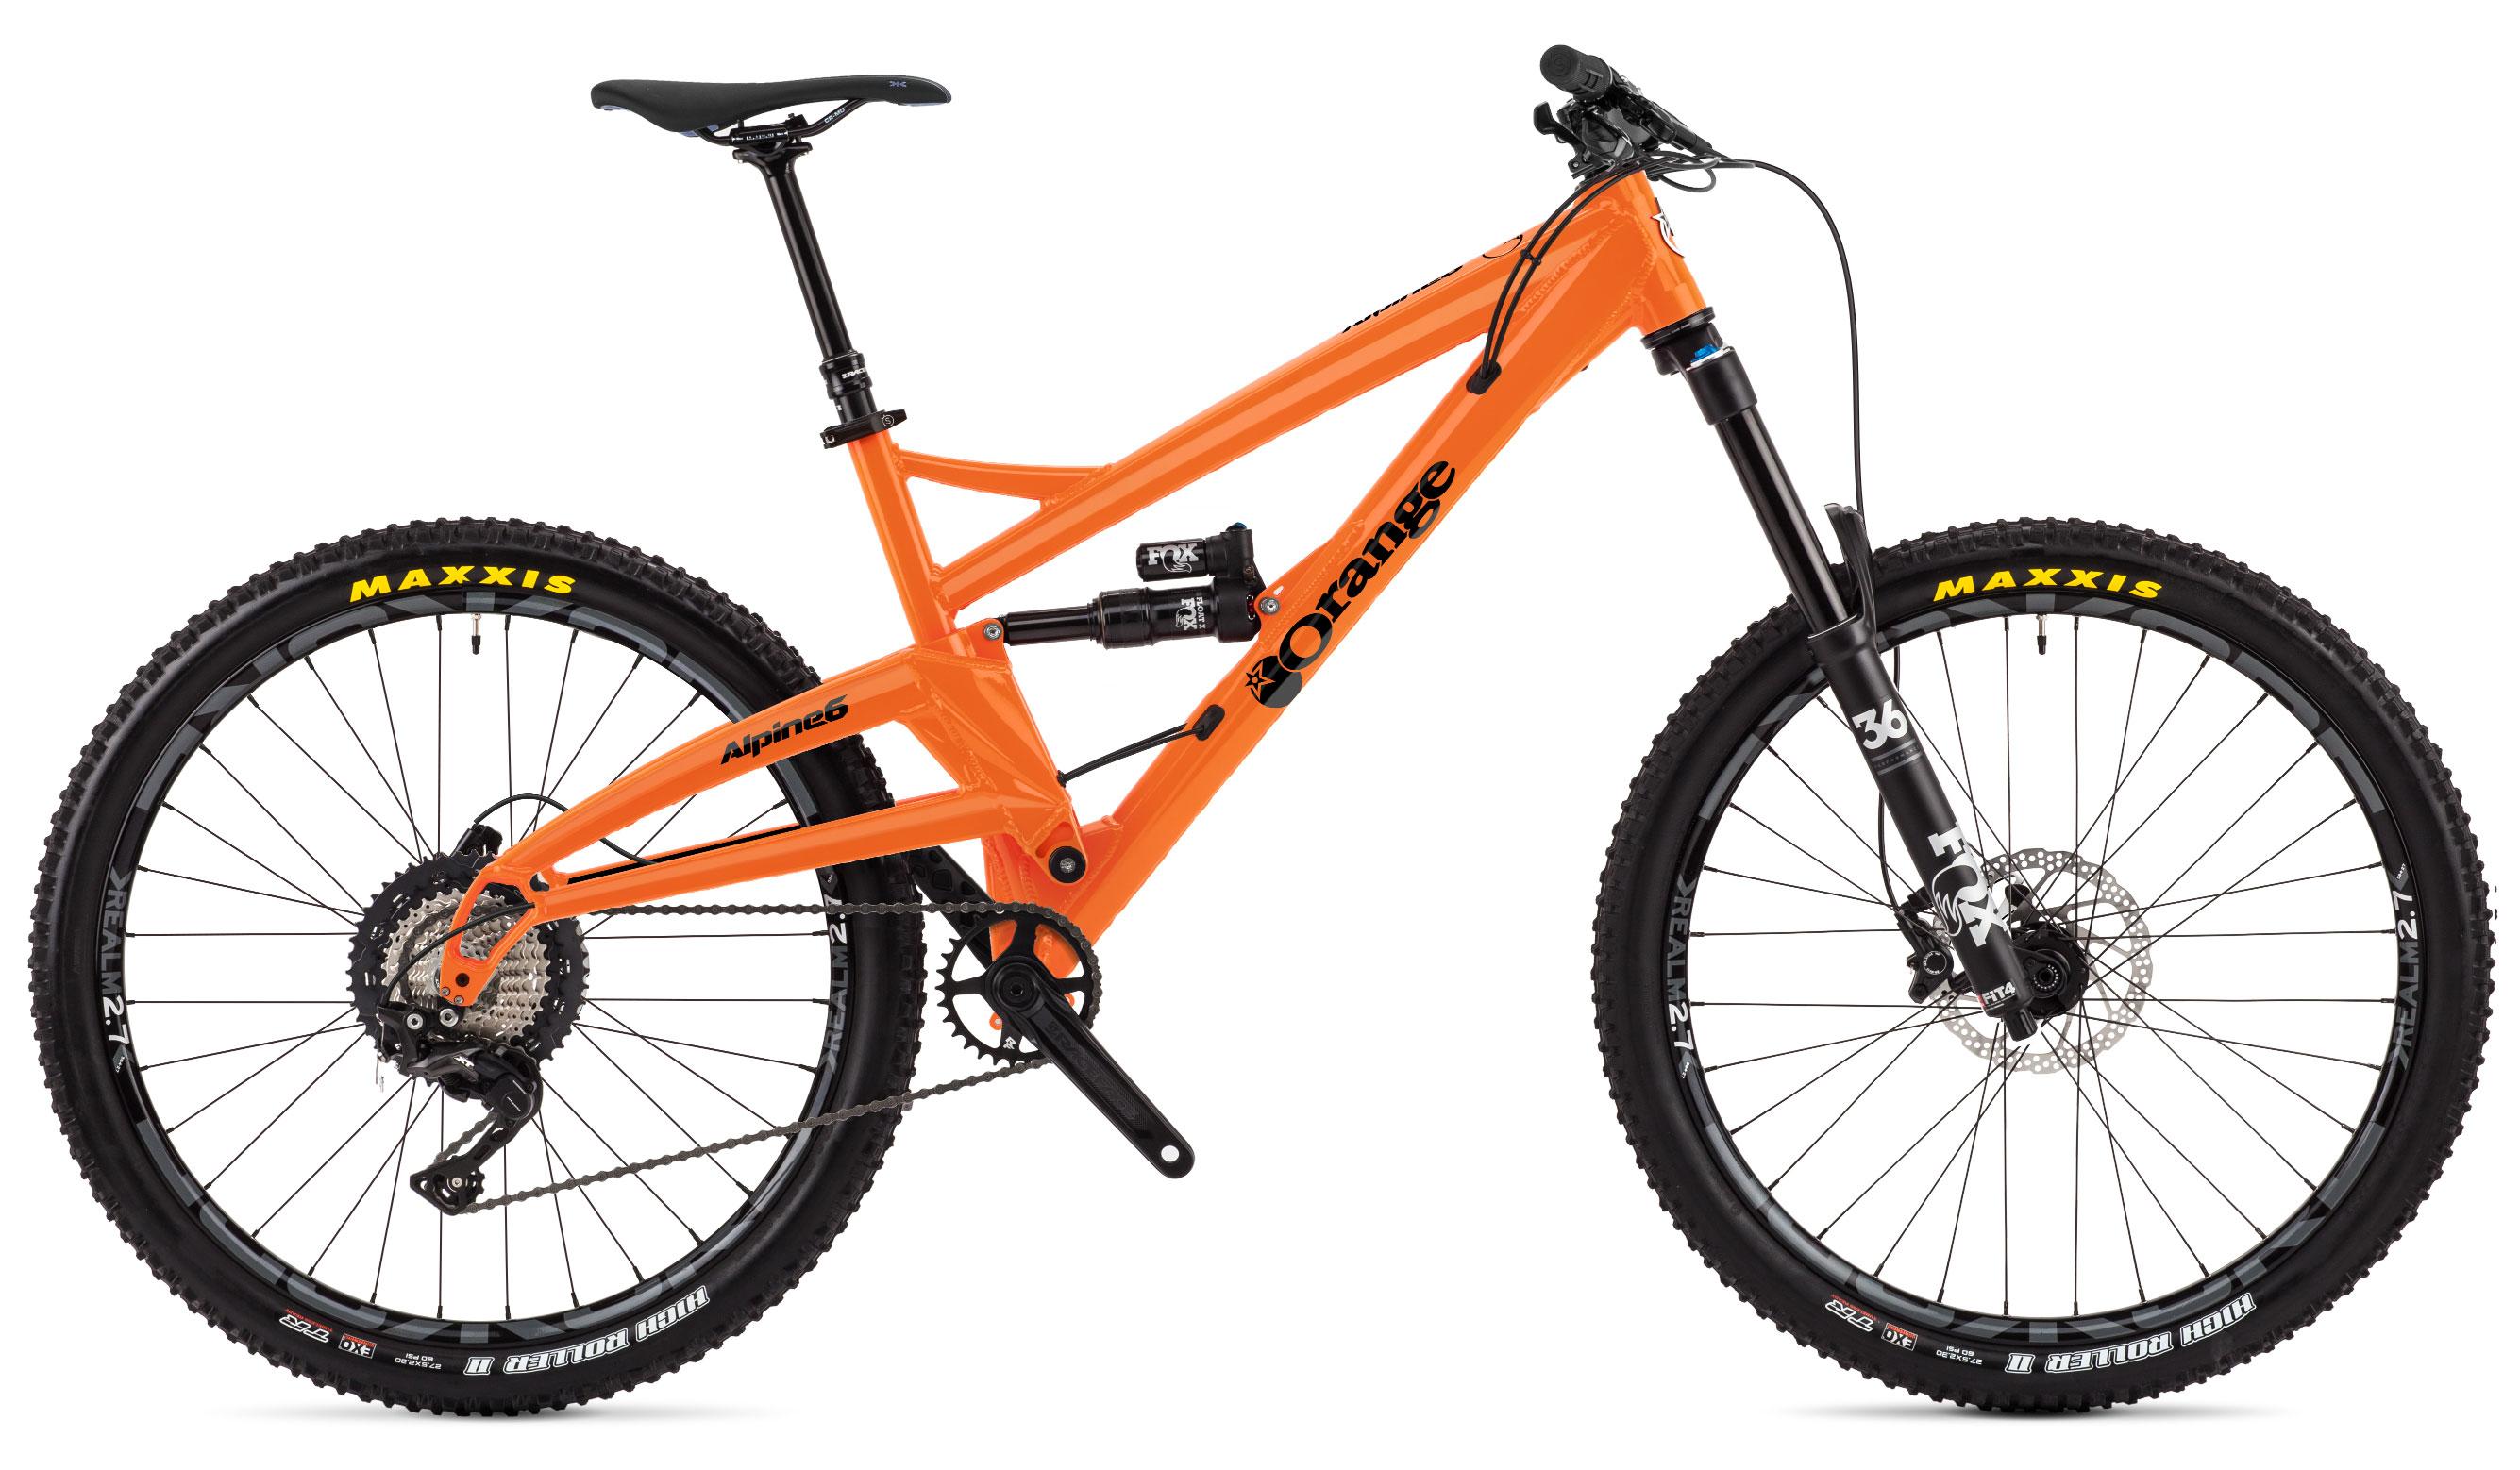 Mountain Bike Range | Orange Mountain Bikes